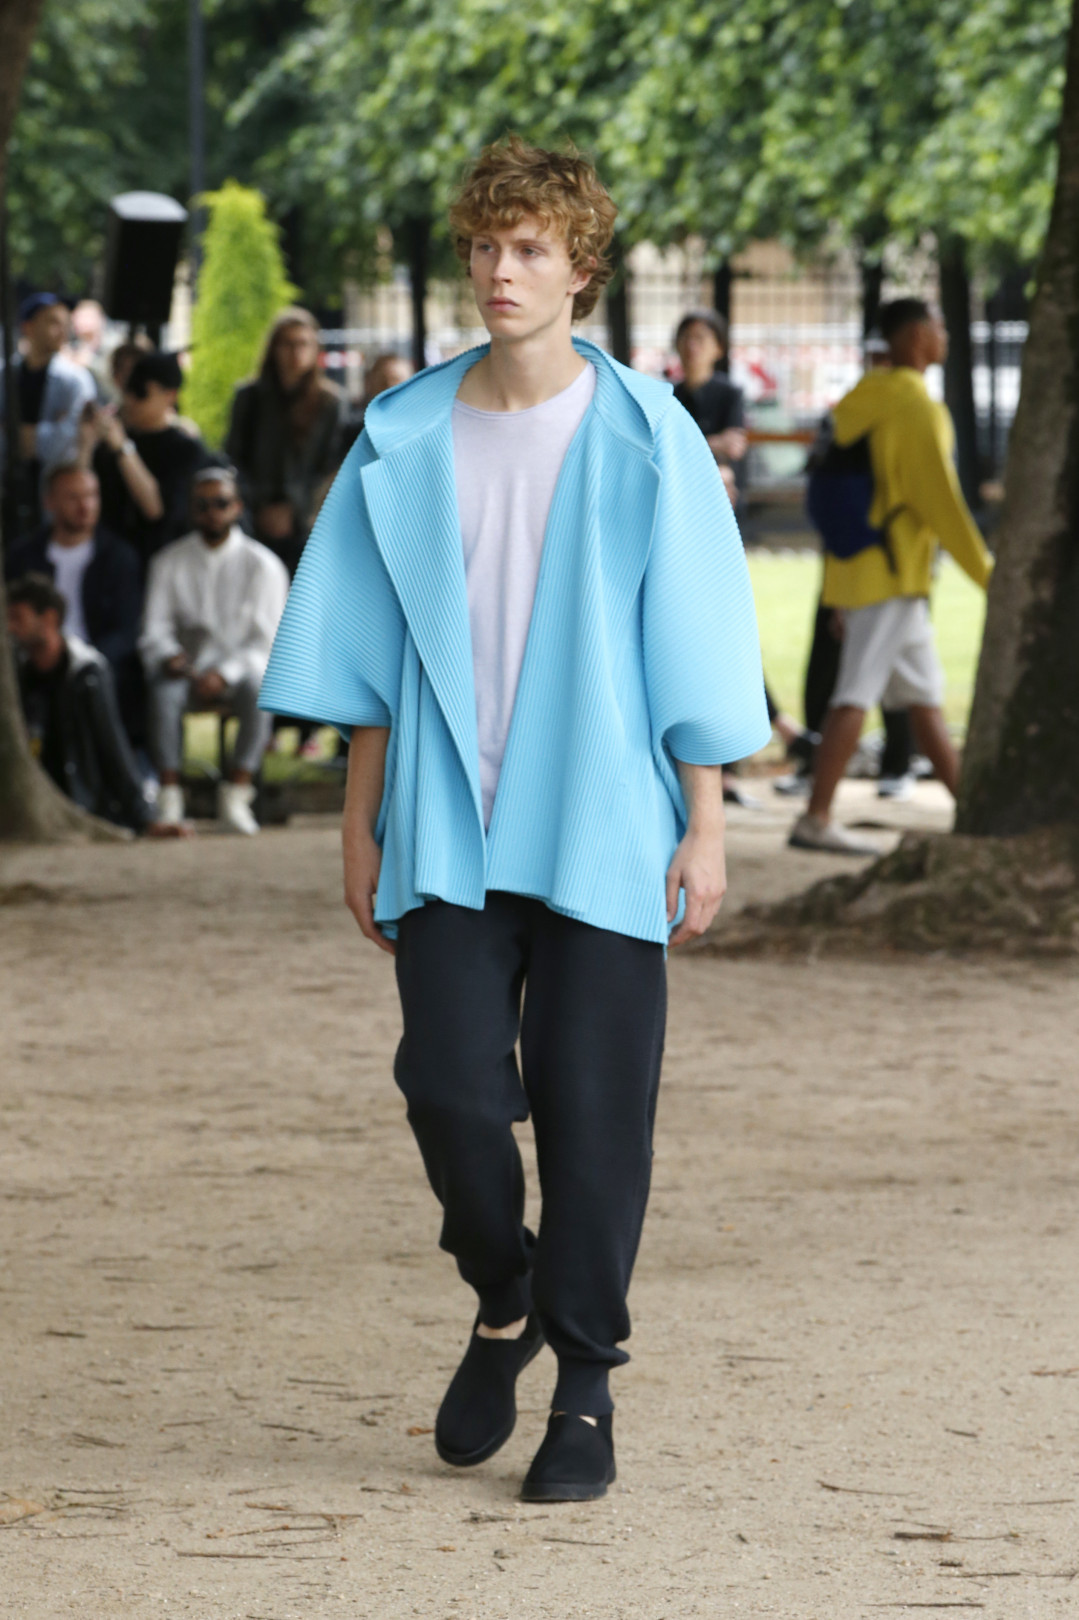 オム プリッセ イッセイ ミヤケが初のショー【2020春夏メンズ】 | FASHION | FASHION HEADLINE